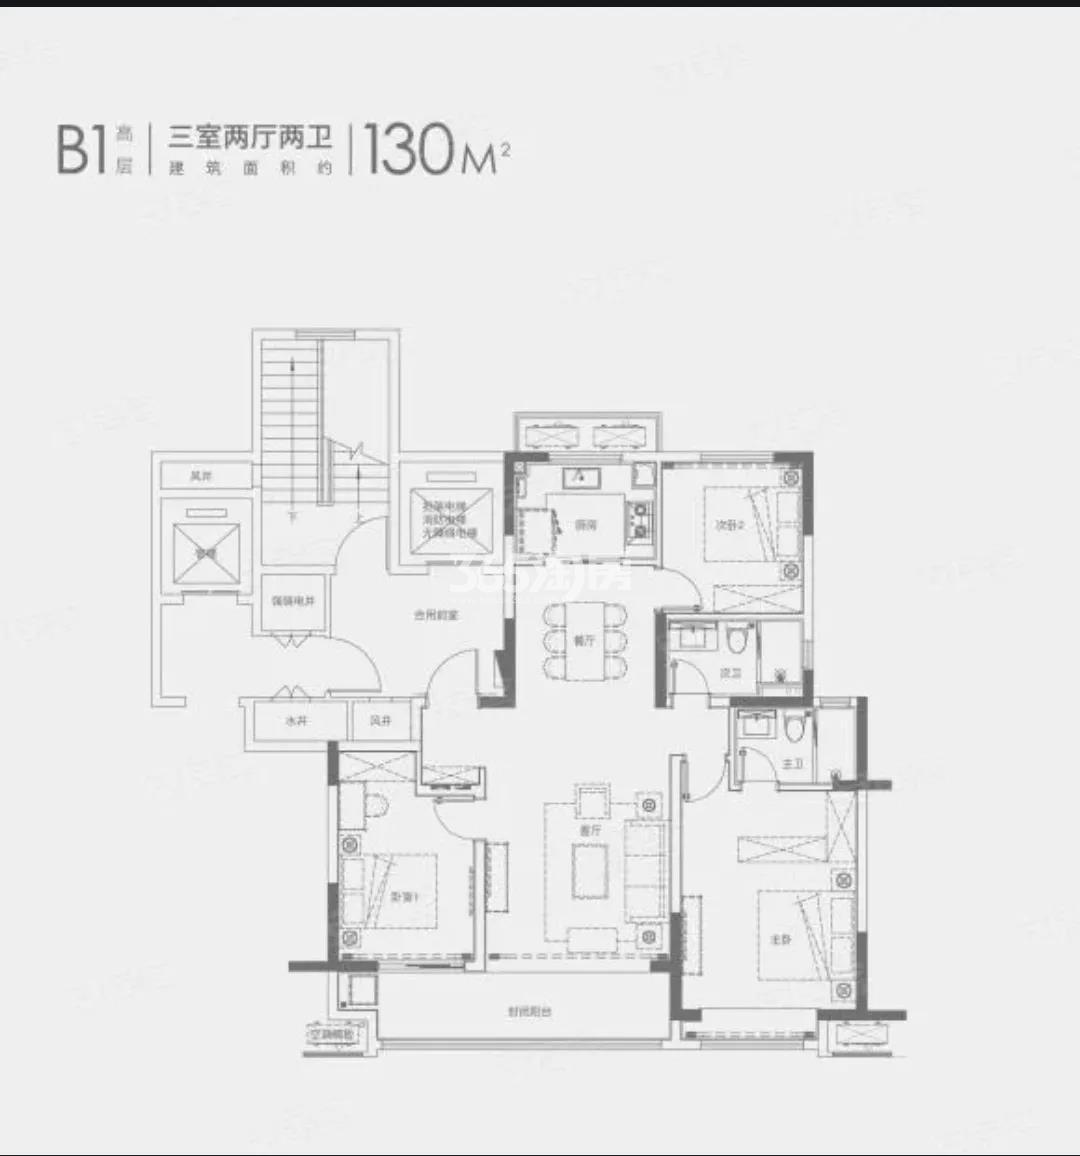 招商万科山水间B1户型(约130㎡)